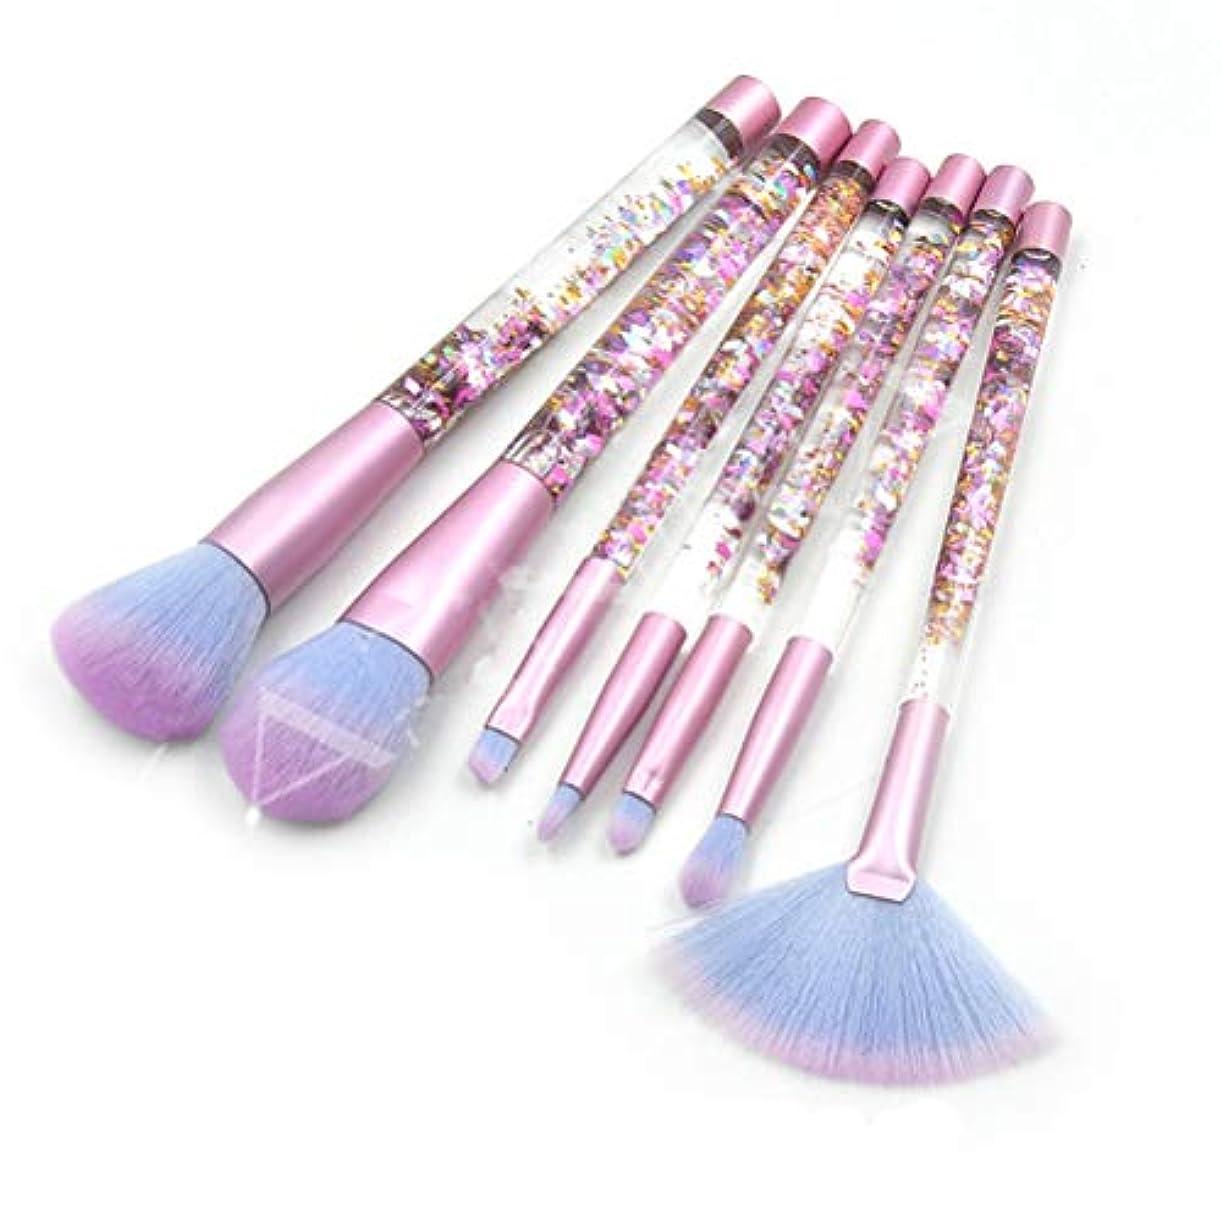 屋内でスプレーギャザーLSHJP 化粧ブラシ 7個セット 化粧道具 レディース ビューティー きれいめ 簡単 カジュアル 便利 お出かけ 高品質 (Color : RedDebrisBlue, Size : ワンサイズ)